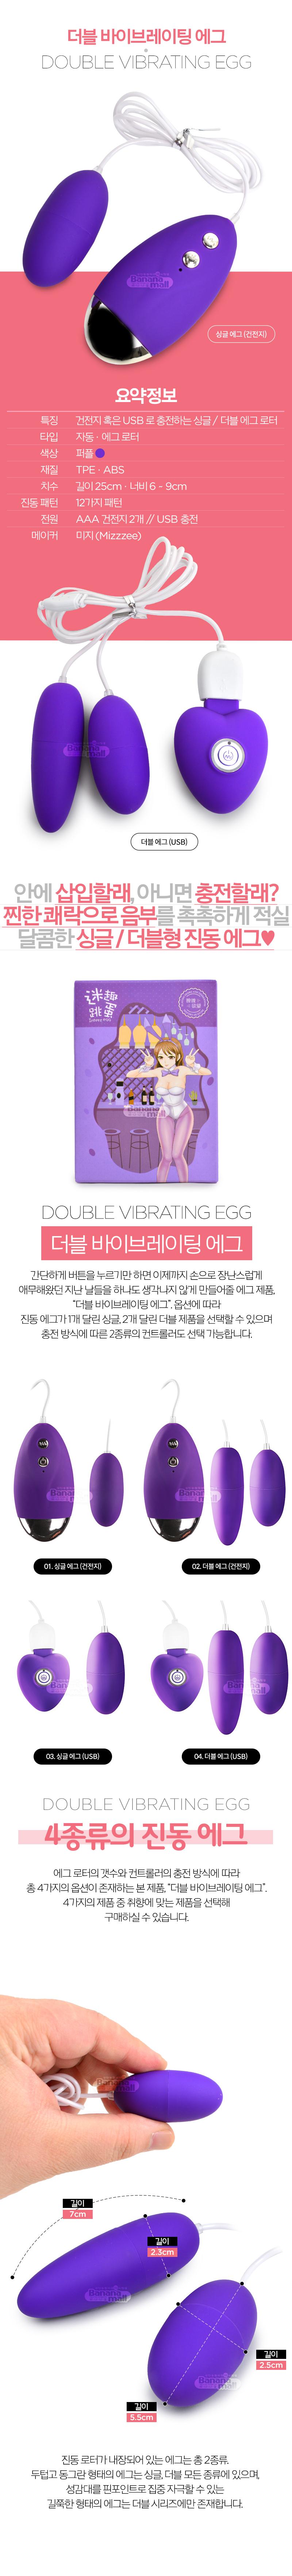 [12단 진동] 더블 바이브레이팅 에그(Double Vibrating Egg)